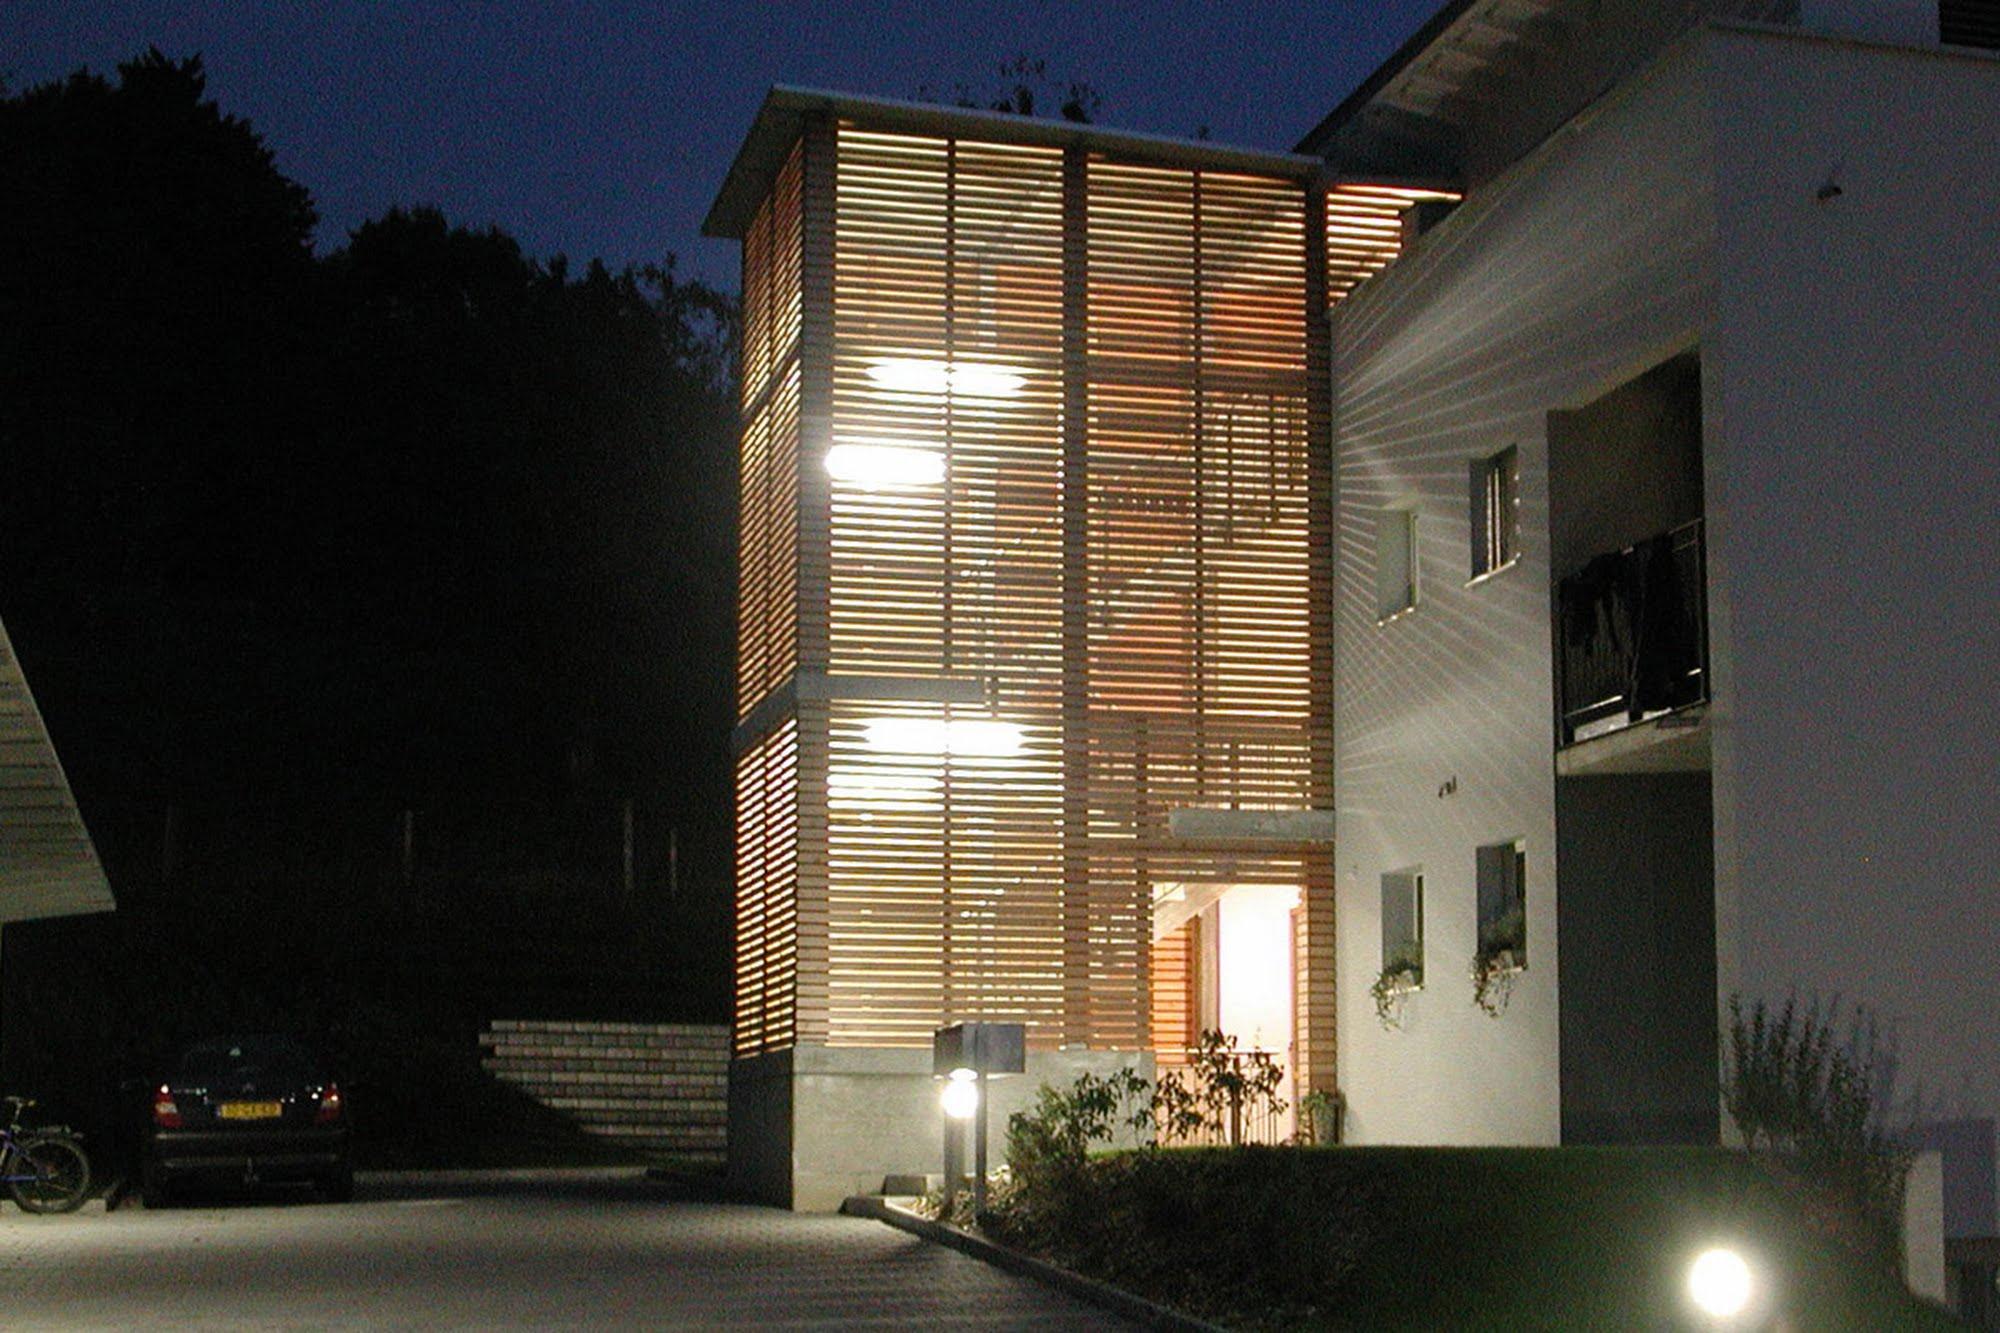 Wohnen MFH MFH Striegelgasse Architektur,Wohnungsbau,Wohnhäuser,Einfamilienhäuser,Mehrfamilienhäuser